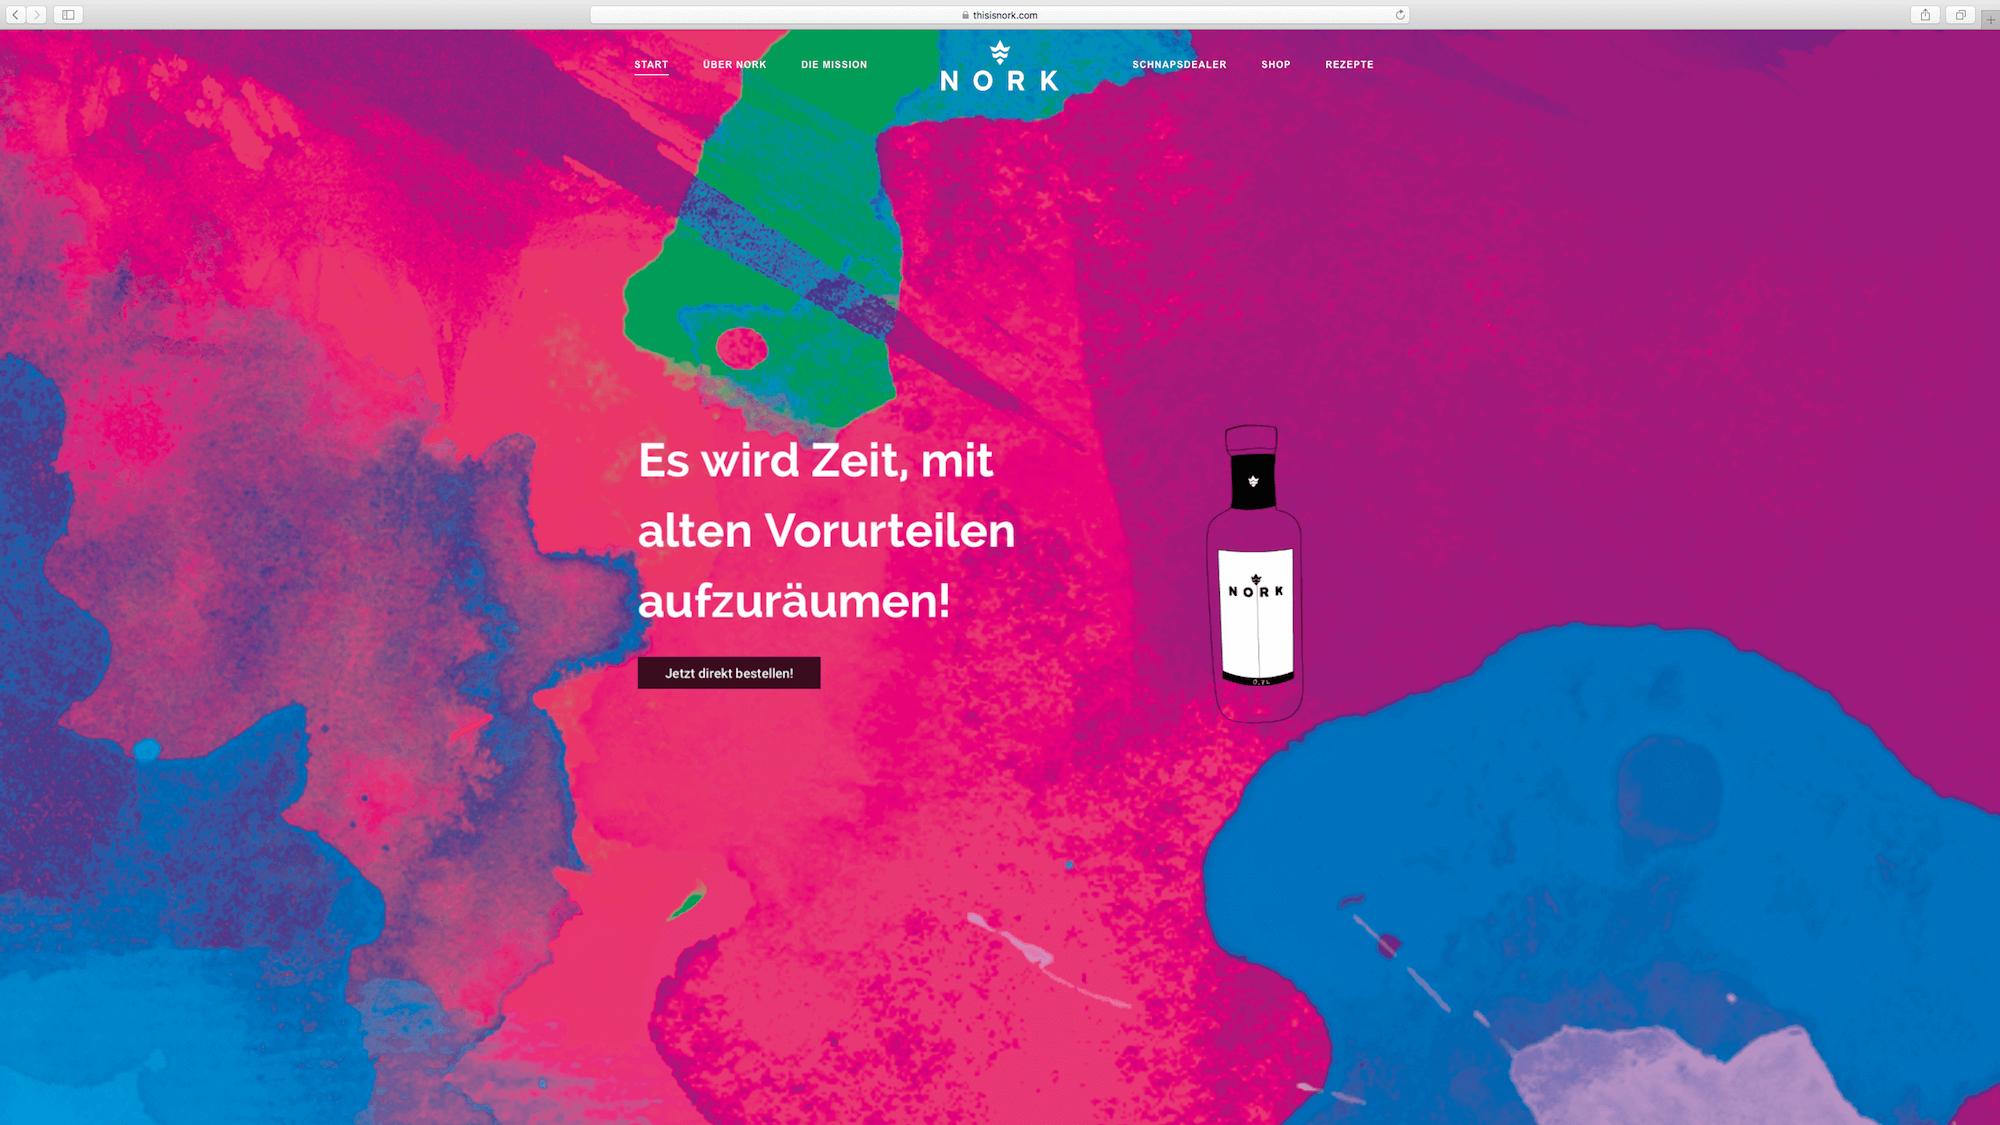 Bildschirmfoto 2018 02 01 um 15.39.51 - Relaunch für NORK